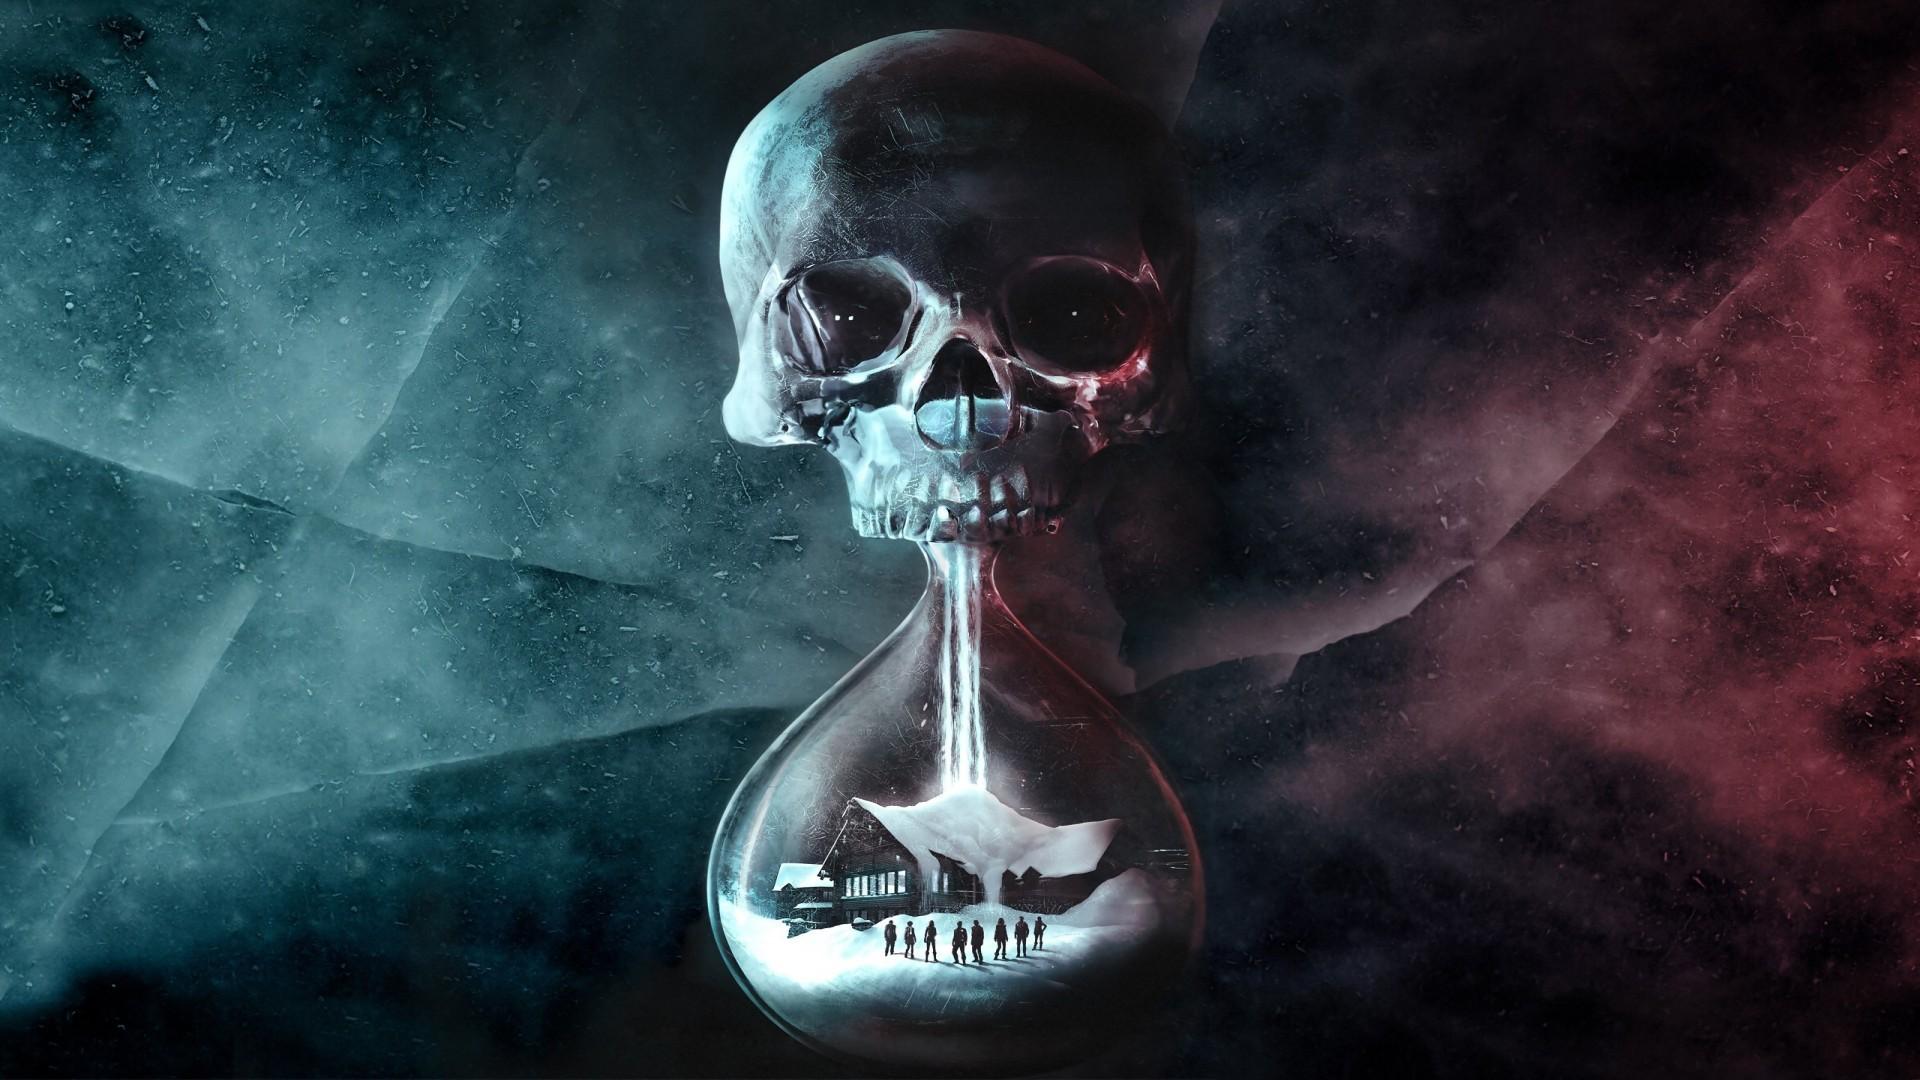 Skull And Bones 2018 Video Game 4k Hd Desktop Wallpaper: Cool Gaming Wallpapers (68+ Images